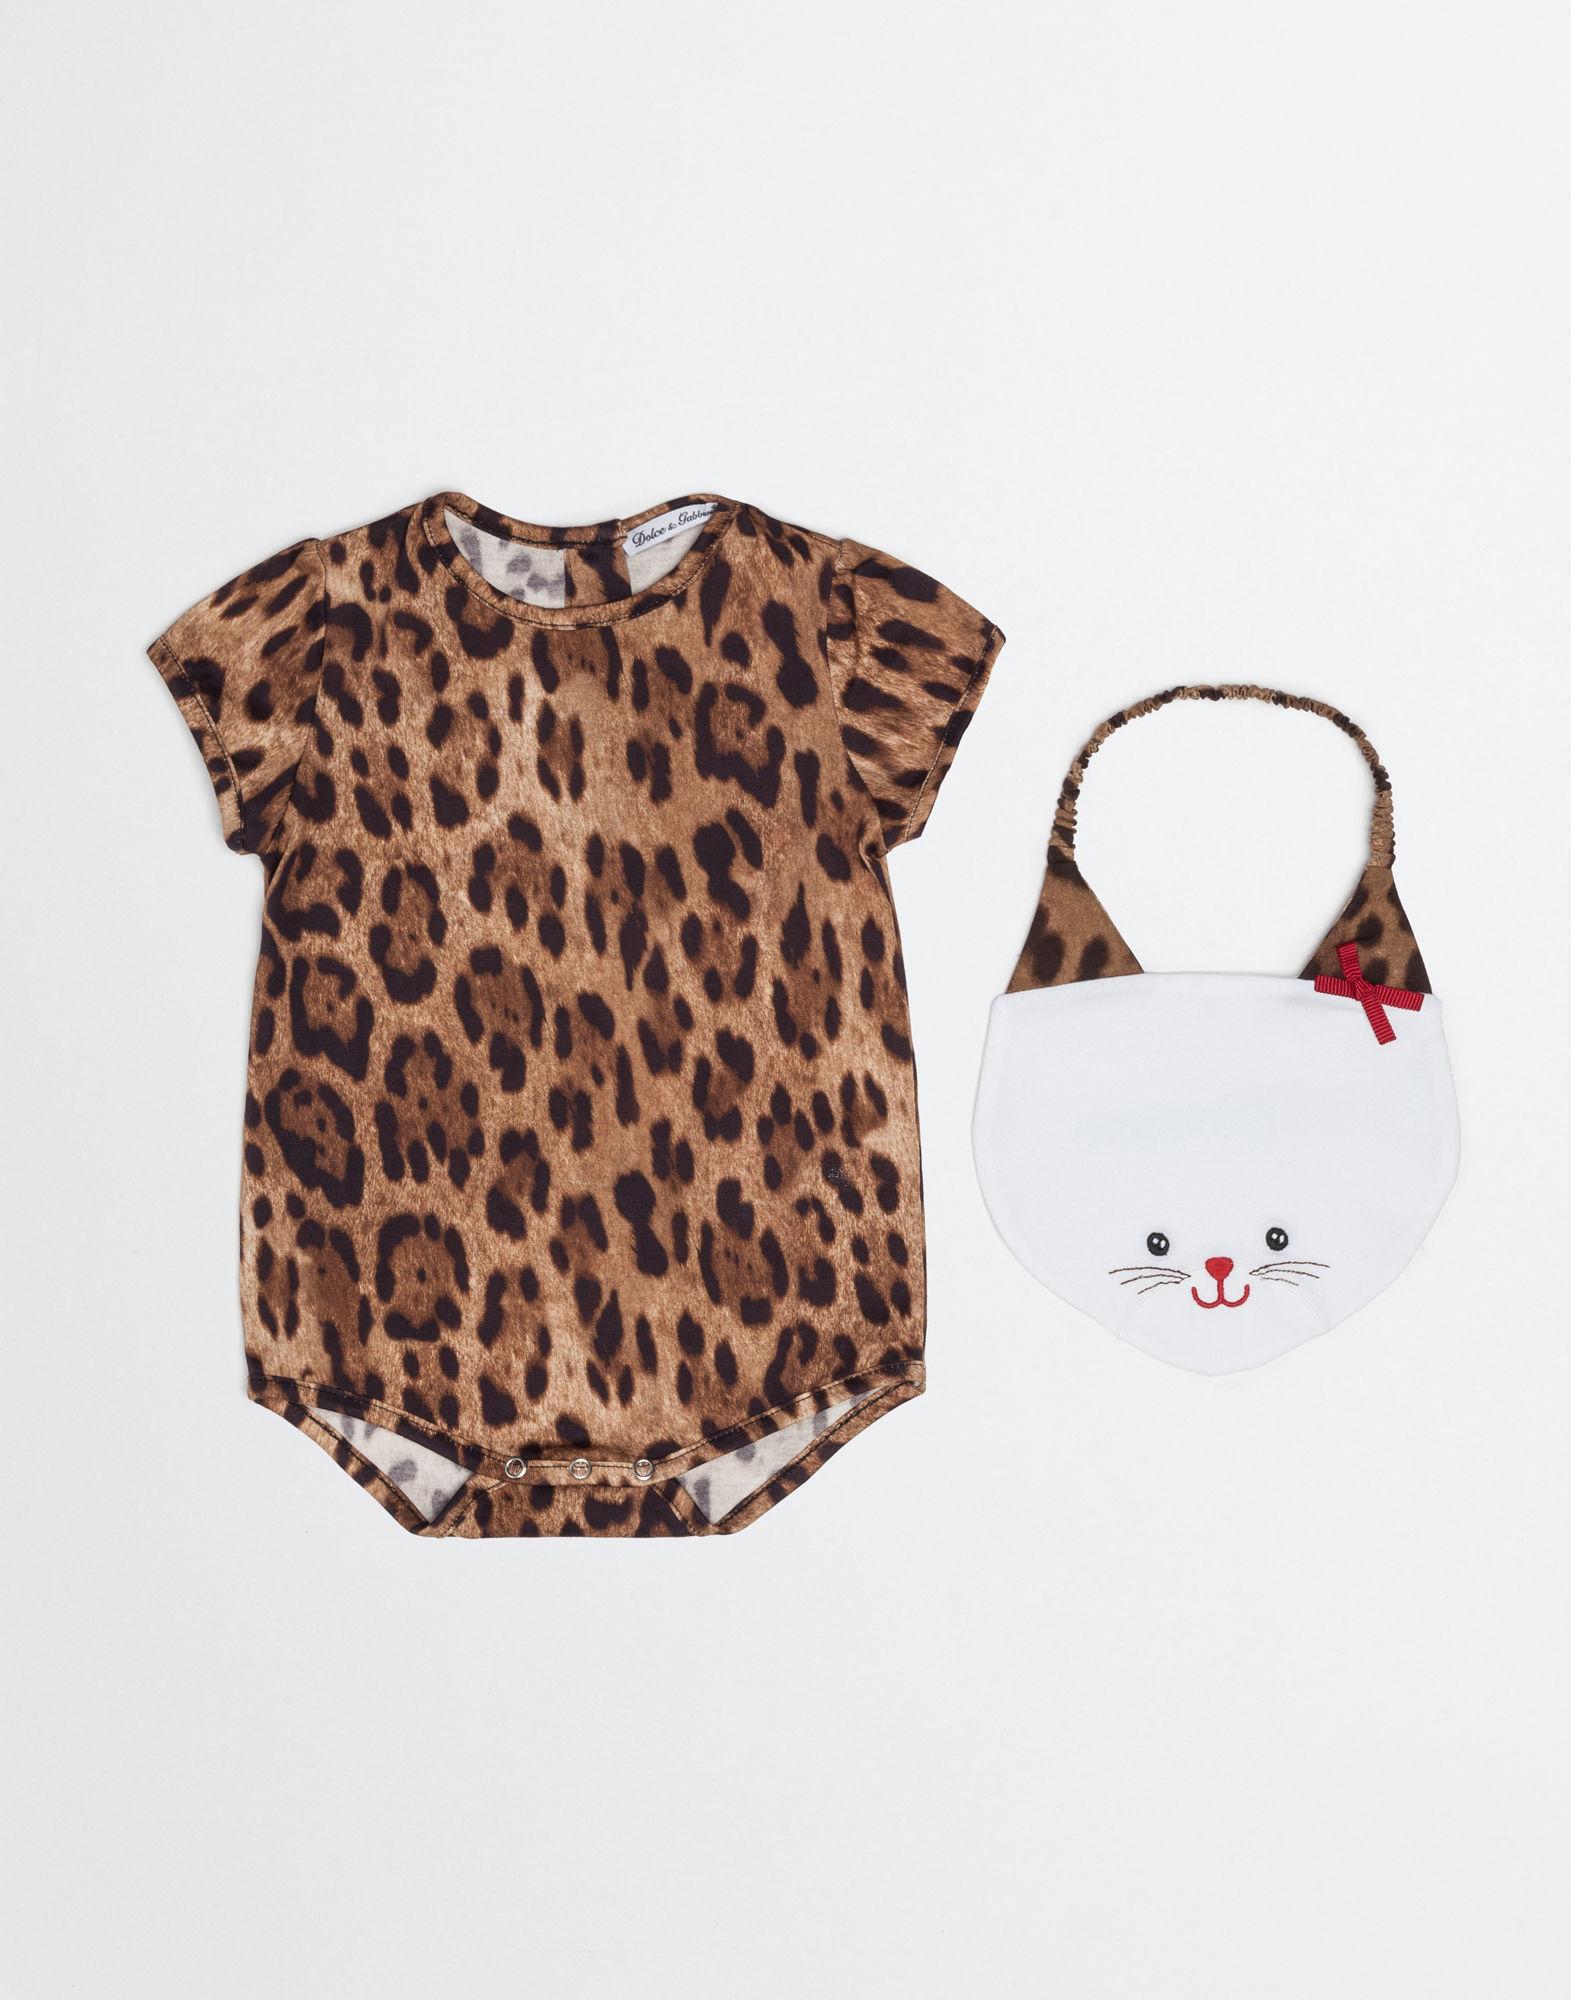 Dolce & Gabbana Body Alana Martina